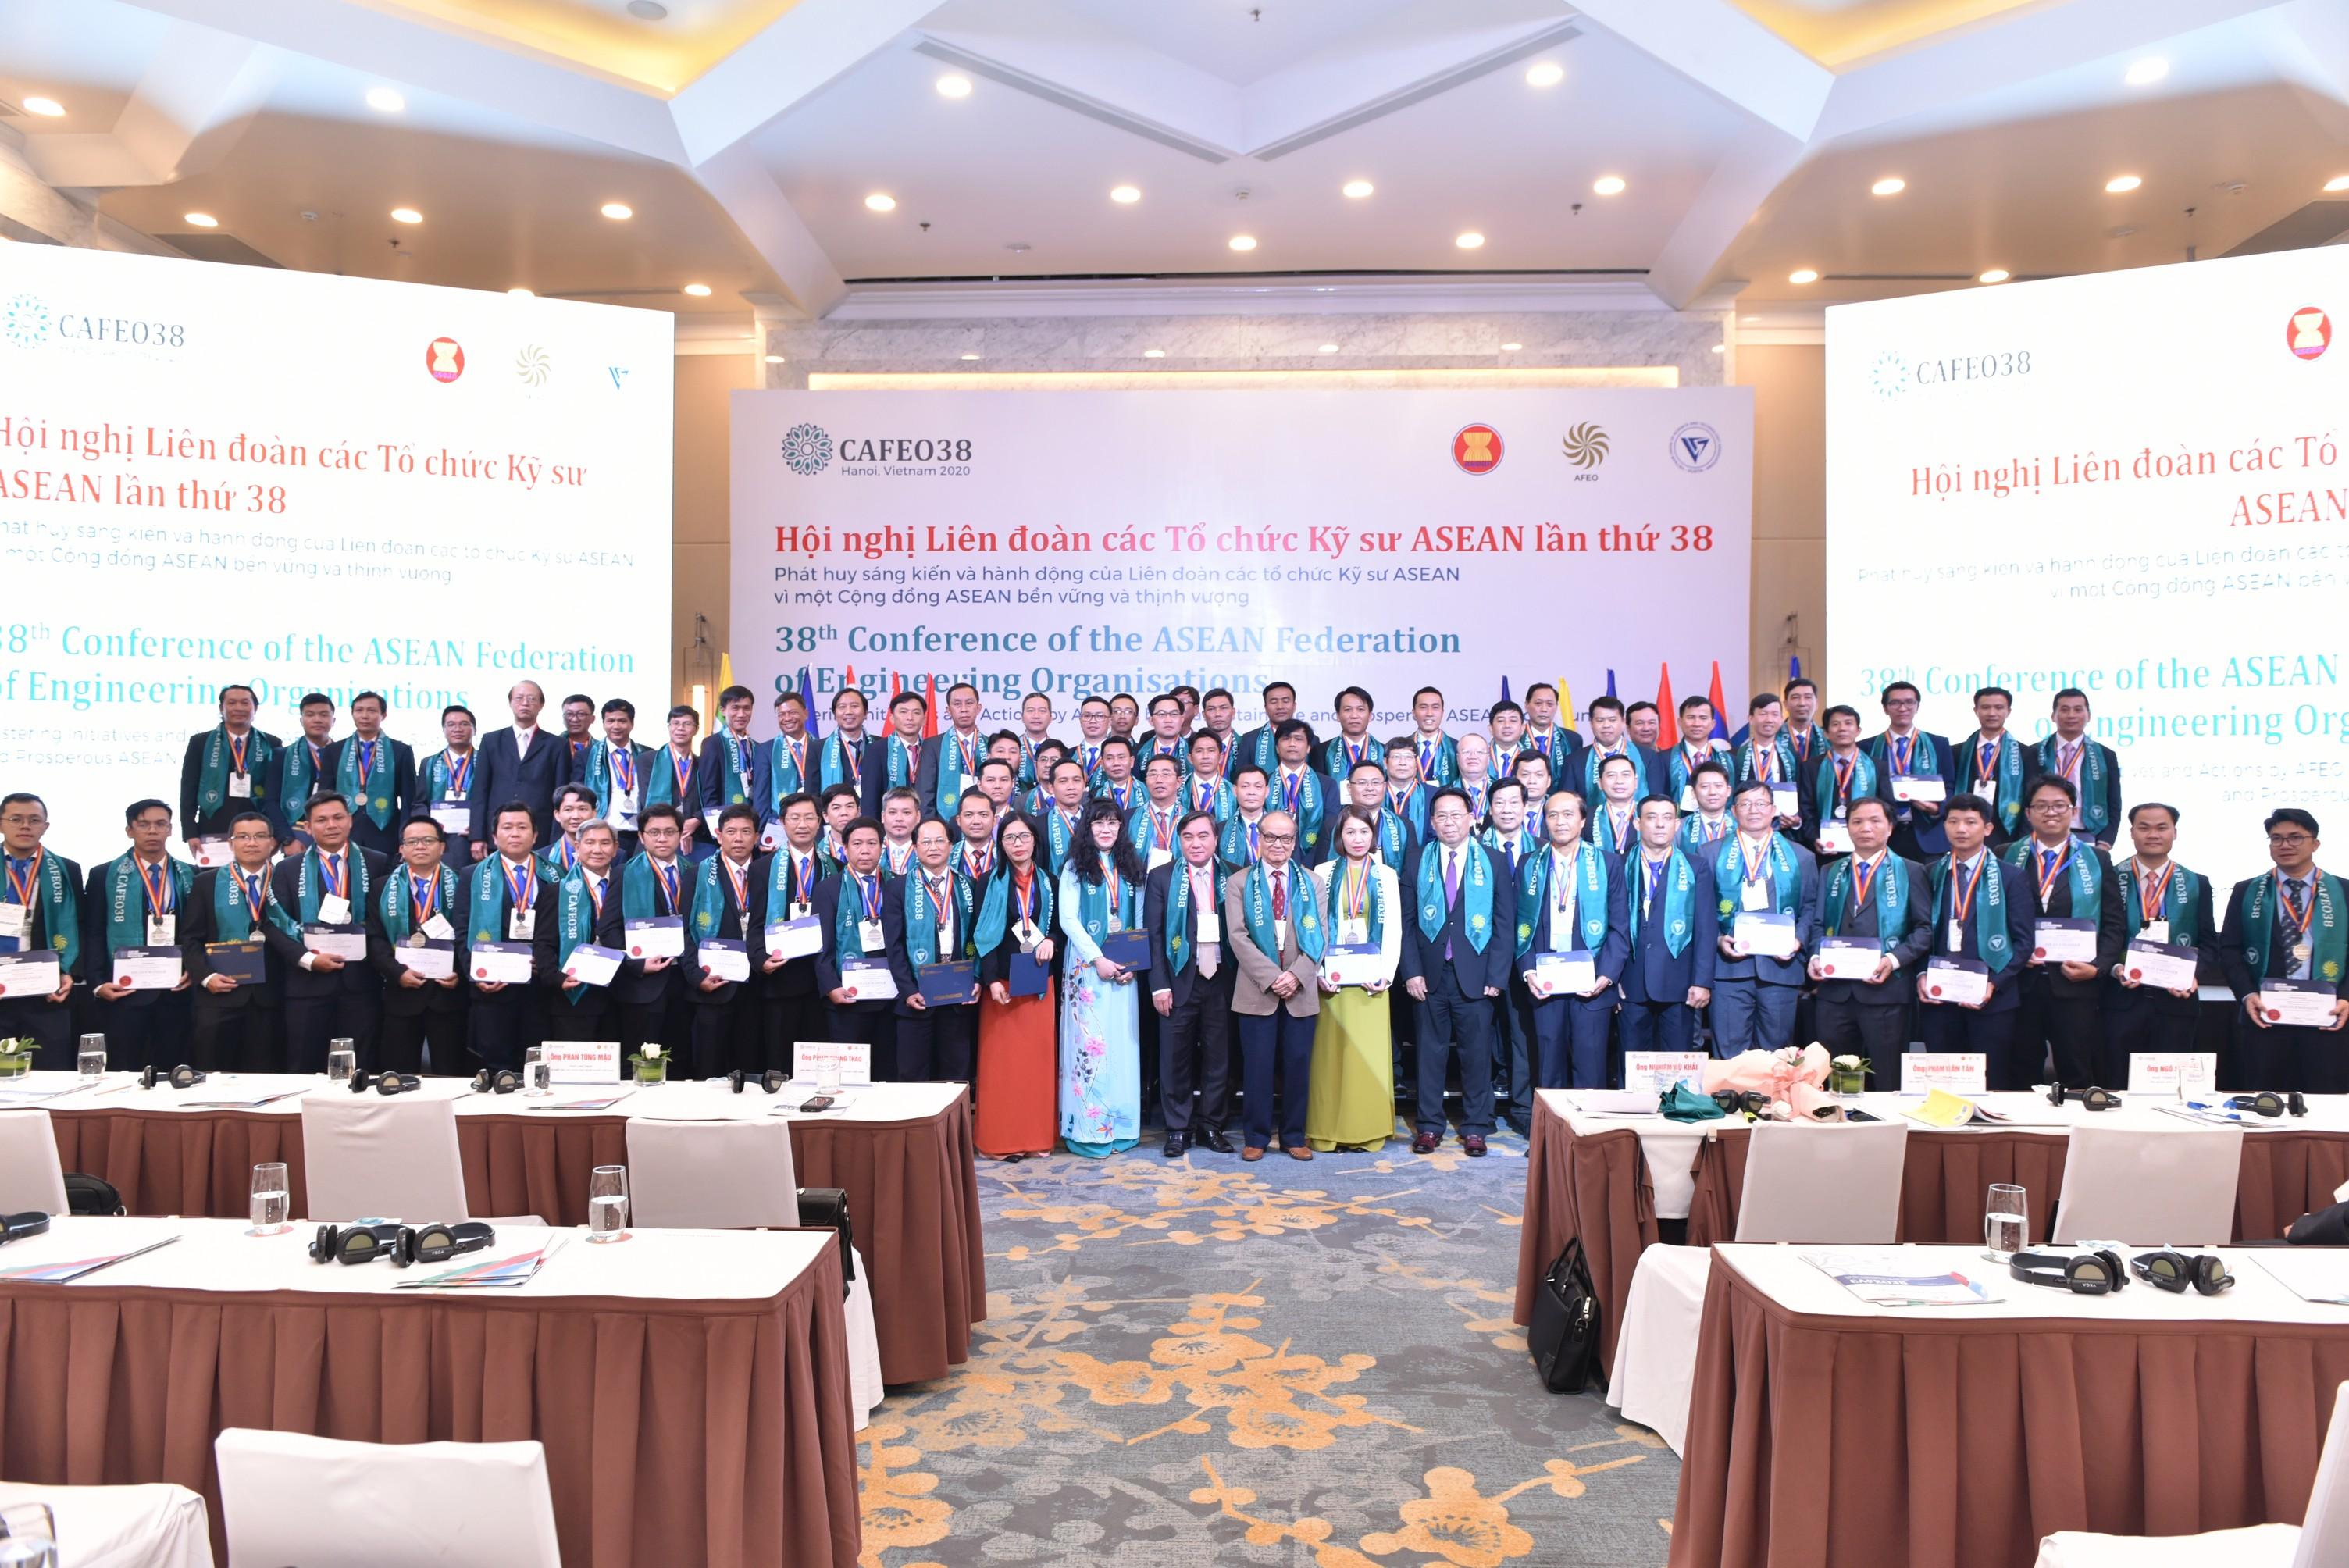 Hội nghị Liên đoàn các tổ chức kỹ sư ASEAN lần thứ 38 (CAFEO 38)